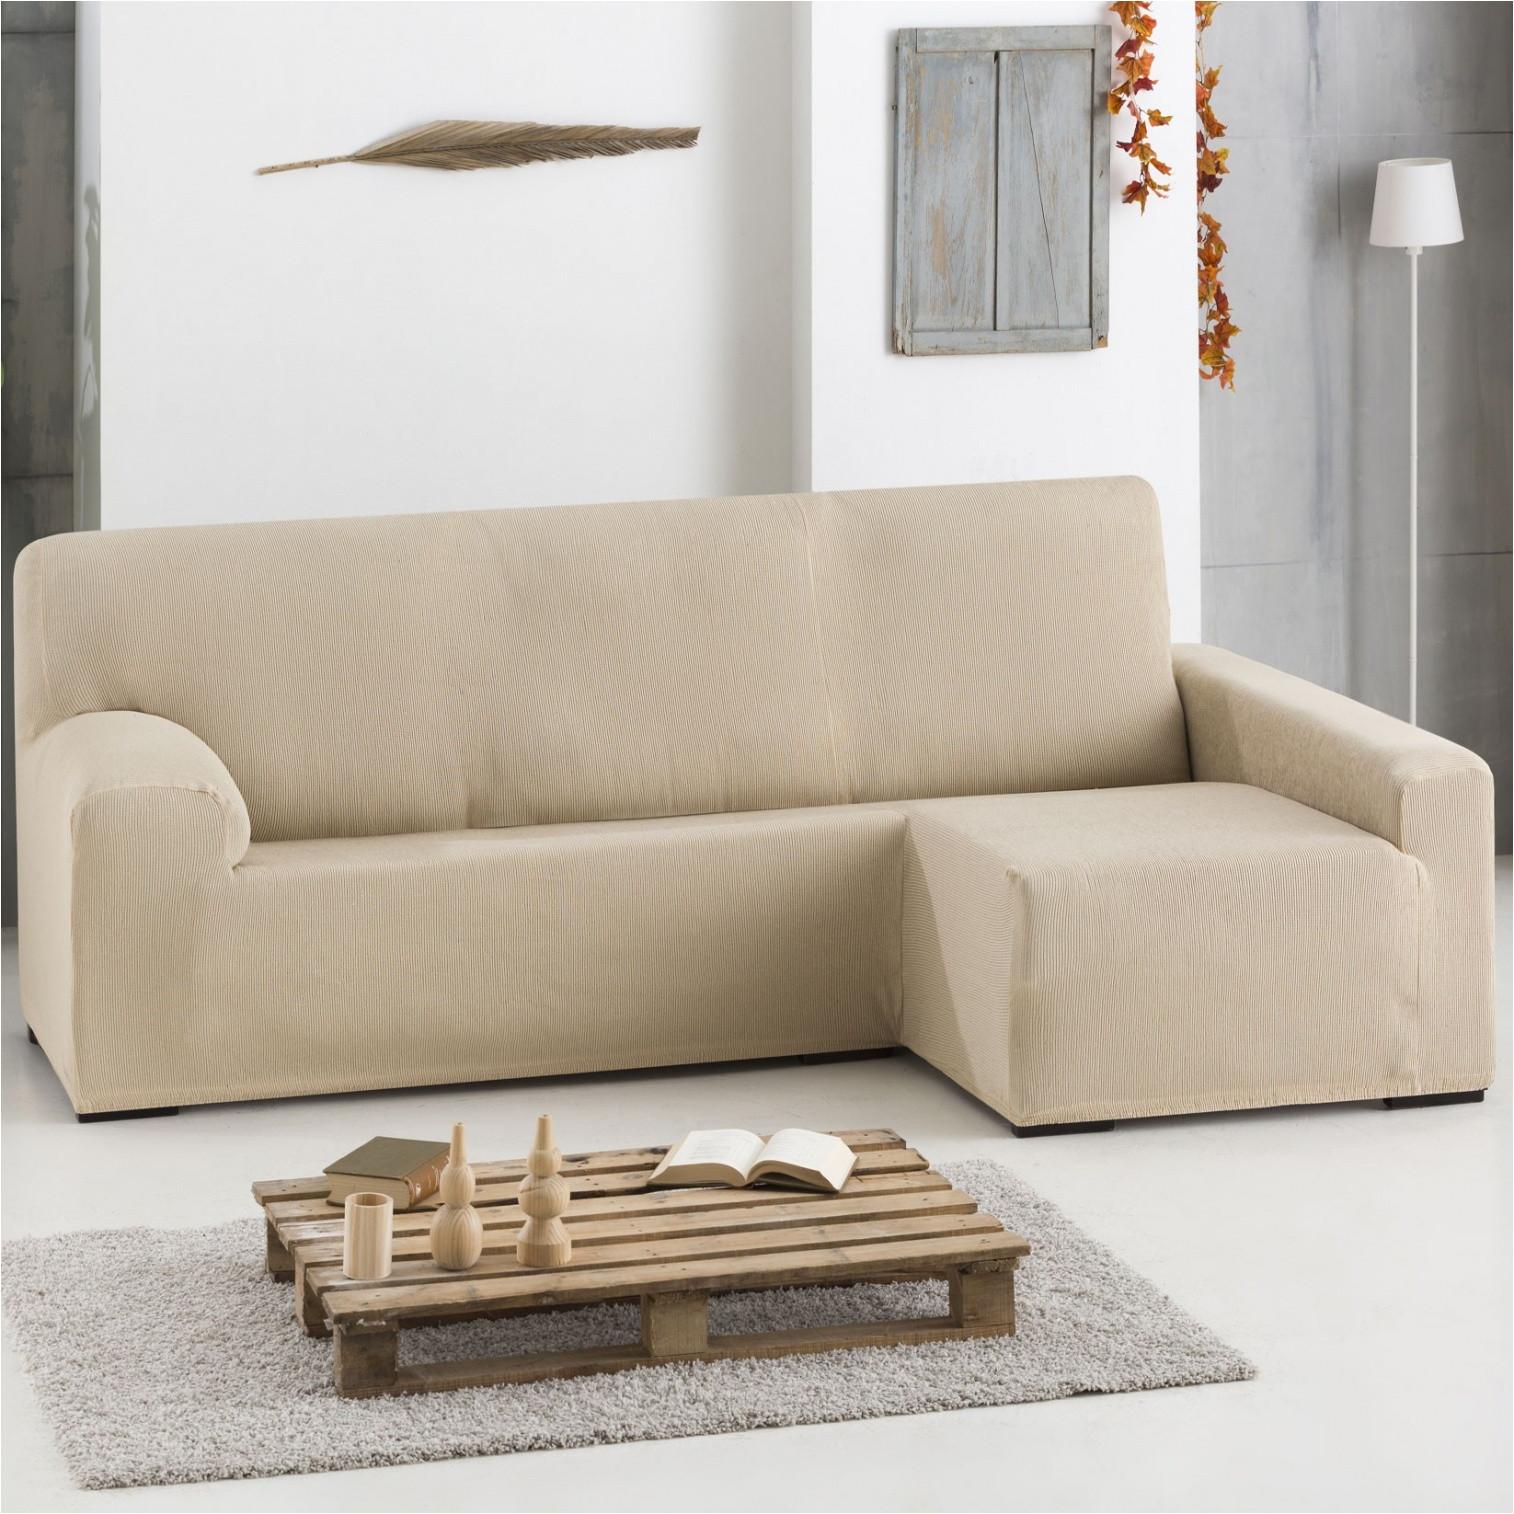 awesome funda de sof bielstica chaise longue ulises beig with fundas ajustables para sofas